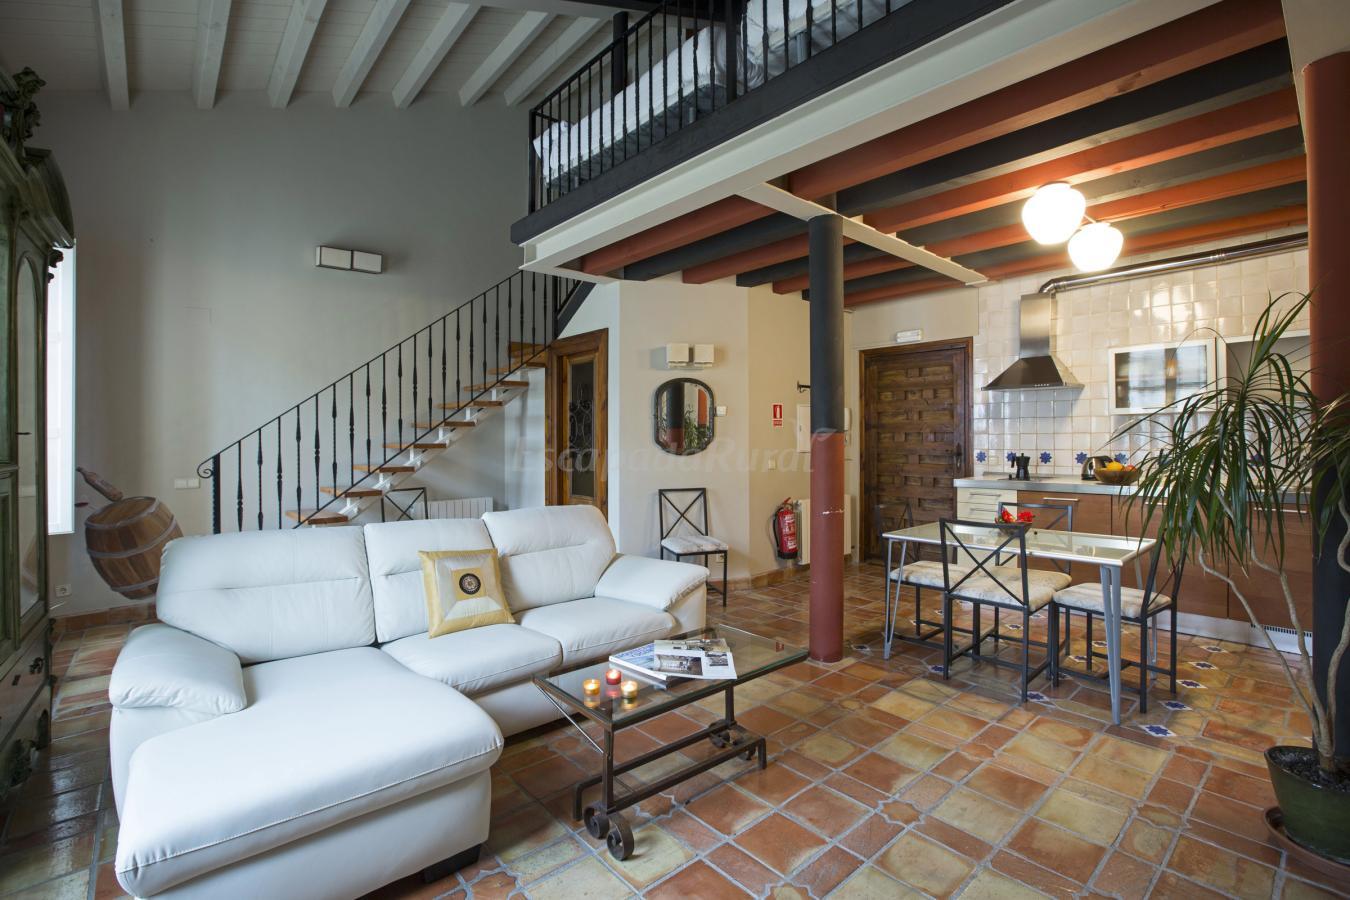 Fotos de apartamentos se or o de haro casa rural en haro la rioja - Casa rural haro ...